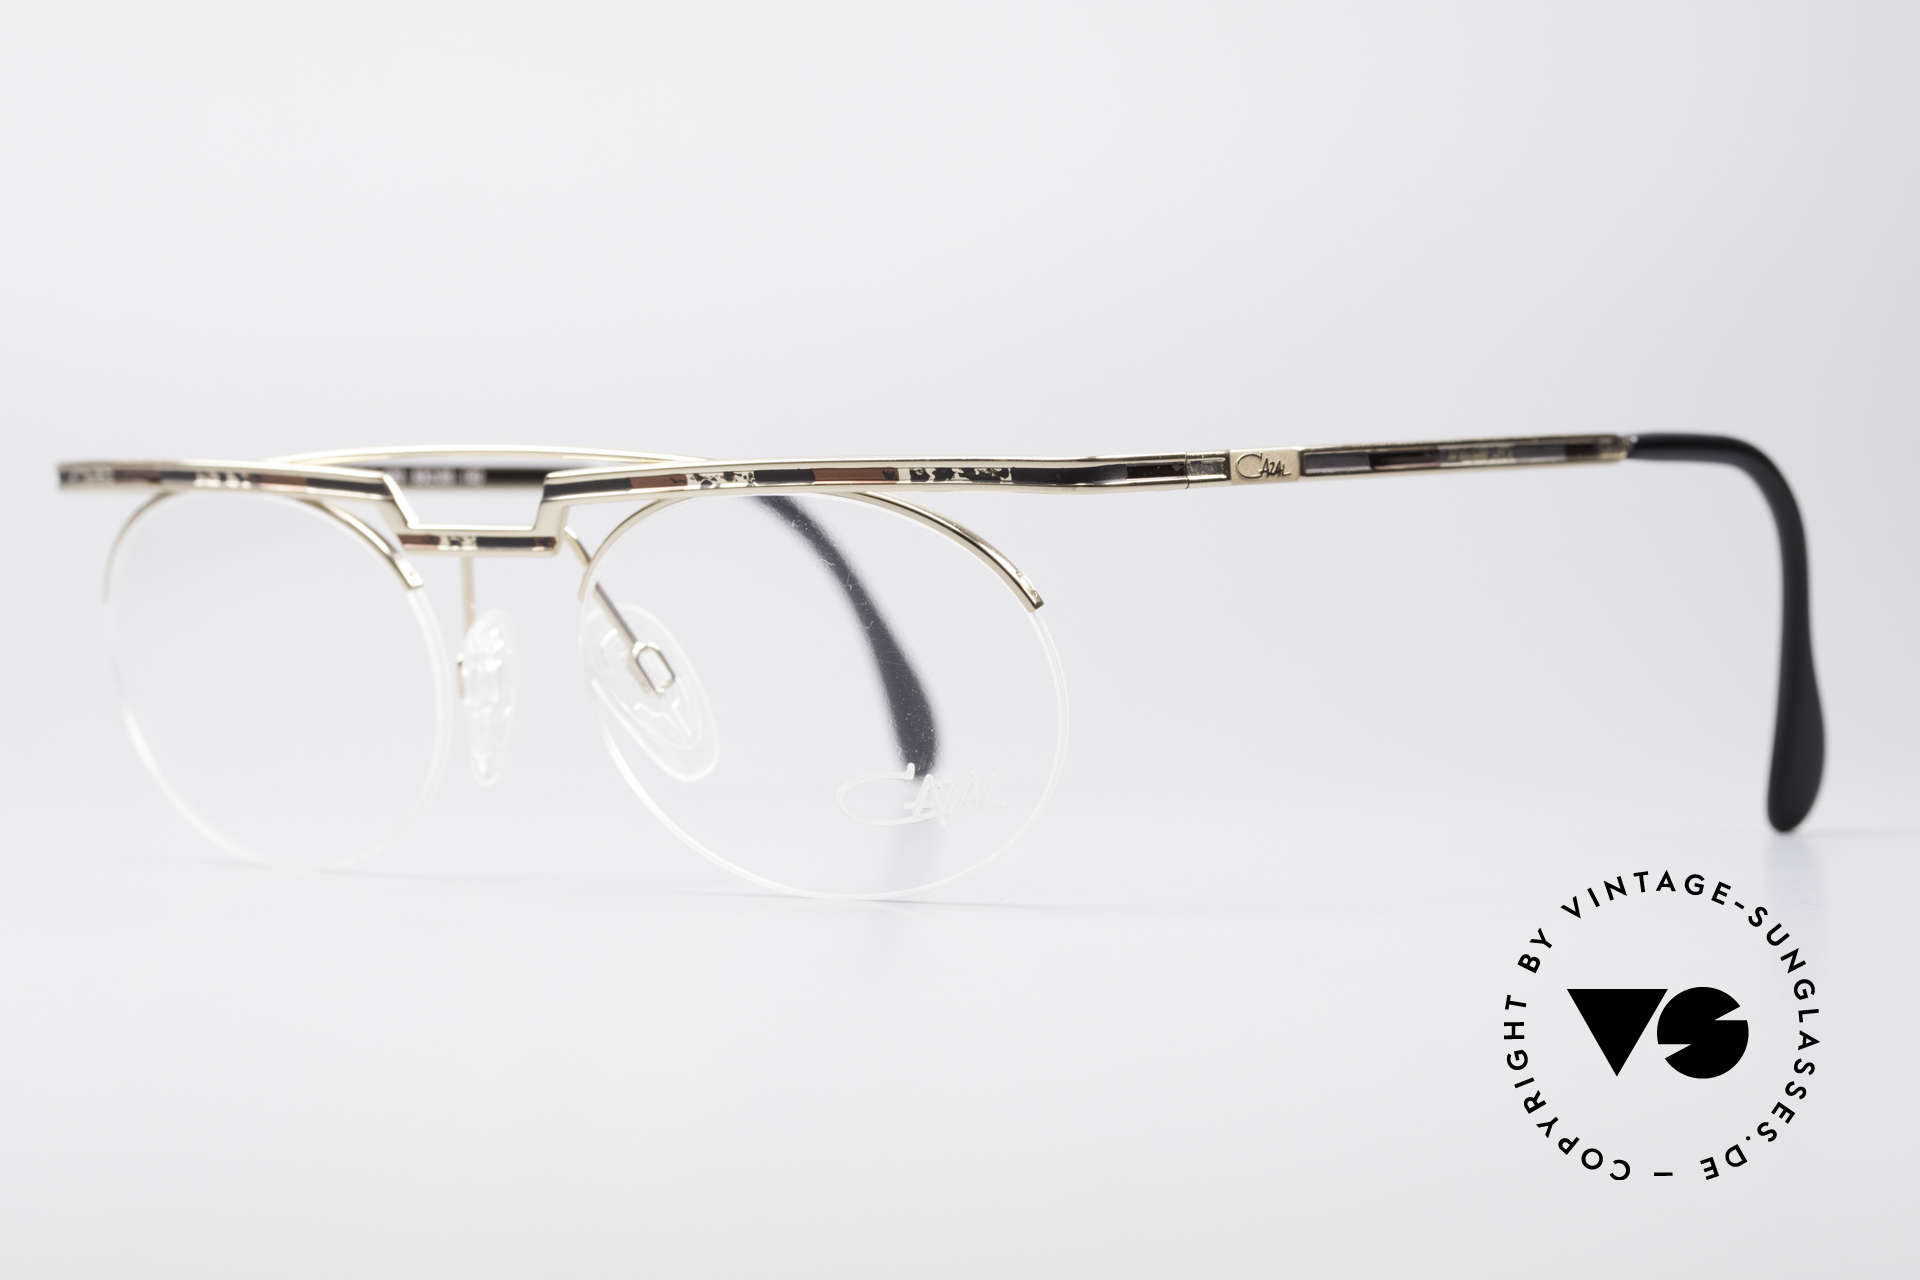 Cazal 758 Original 90er Vintage Brille, aufwändige Lackierung (typisch für die alten Cazals), Passend für Herren und Damen